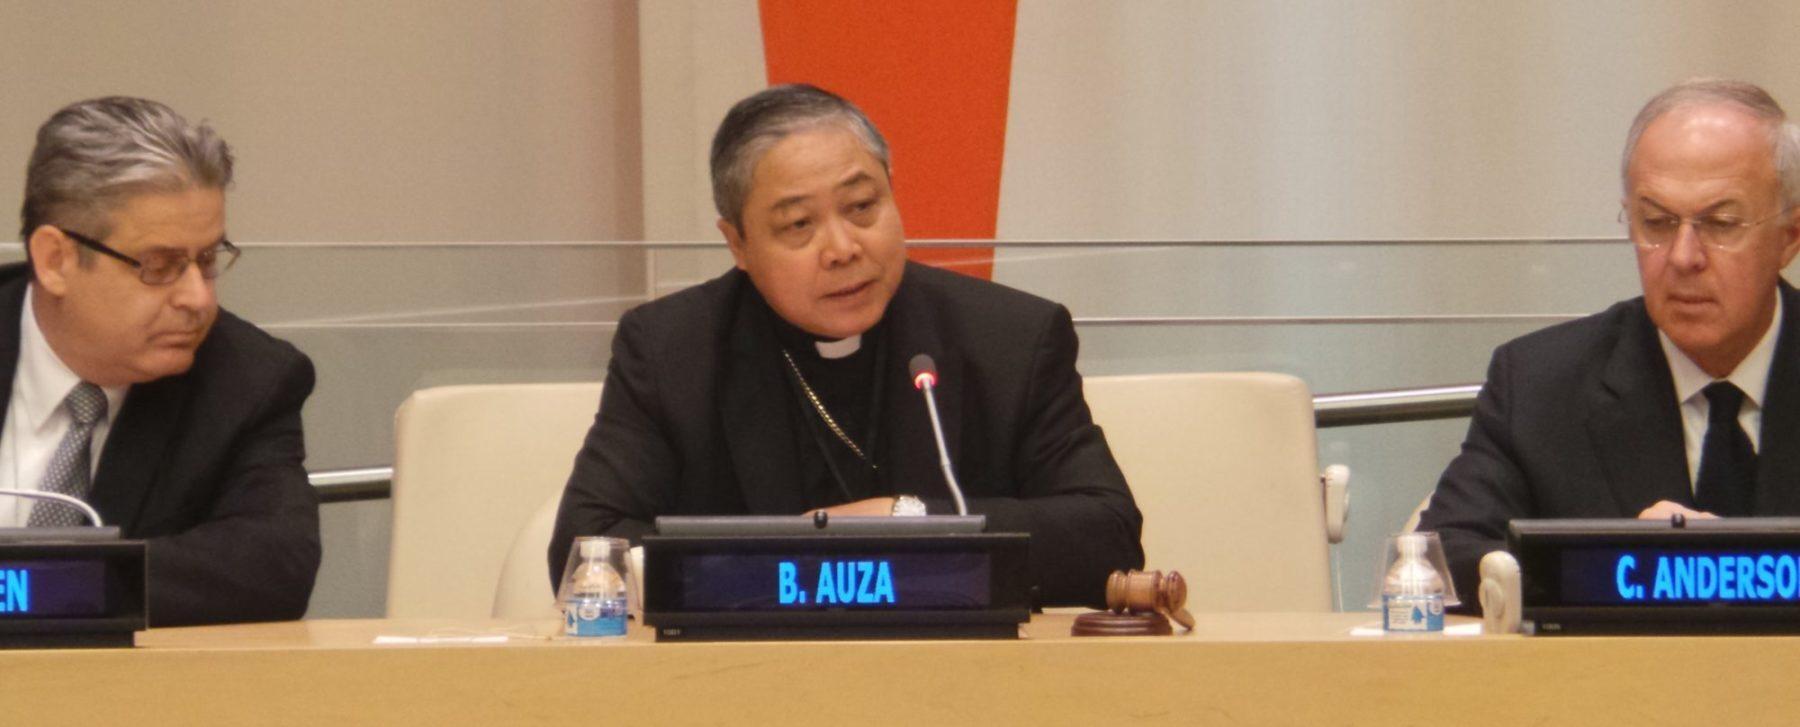 """Aartsbisschop haalt uit: Westen gebruikt ontwikkelingshulp als """"Trojaans paard"""" voor abortus"""